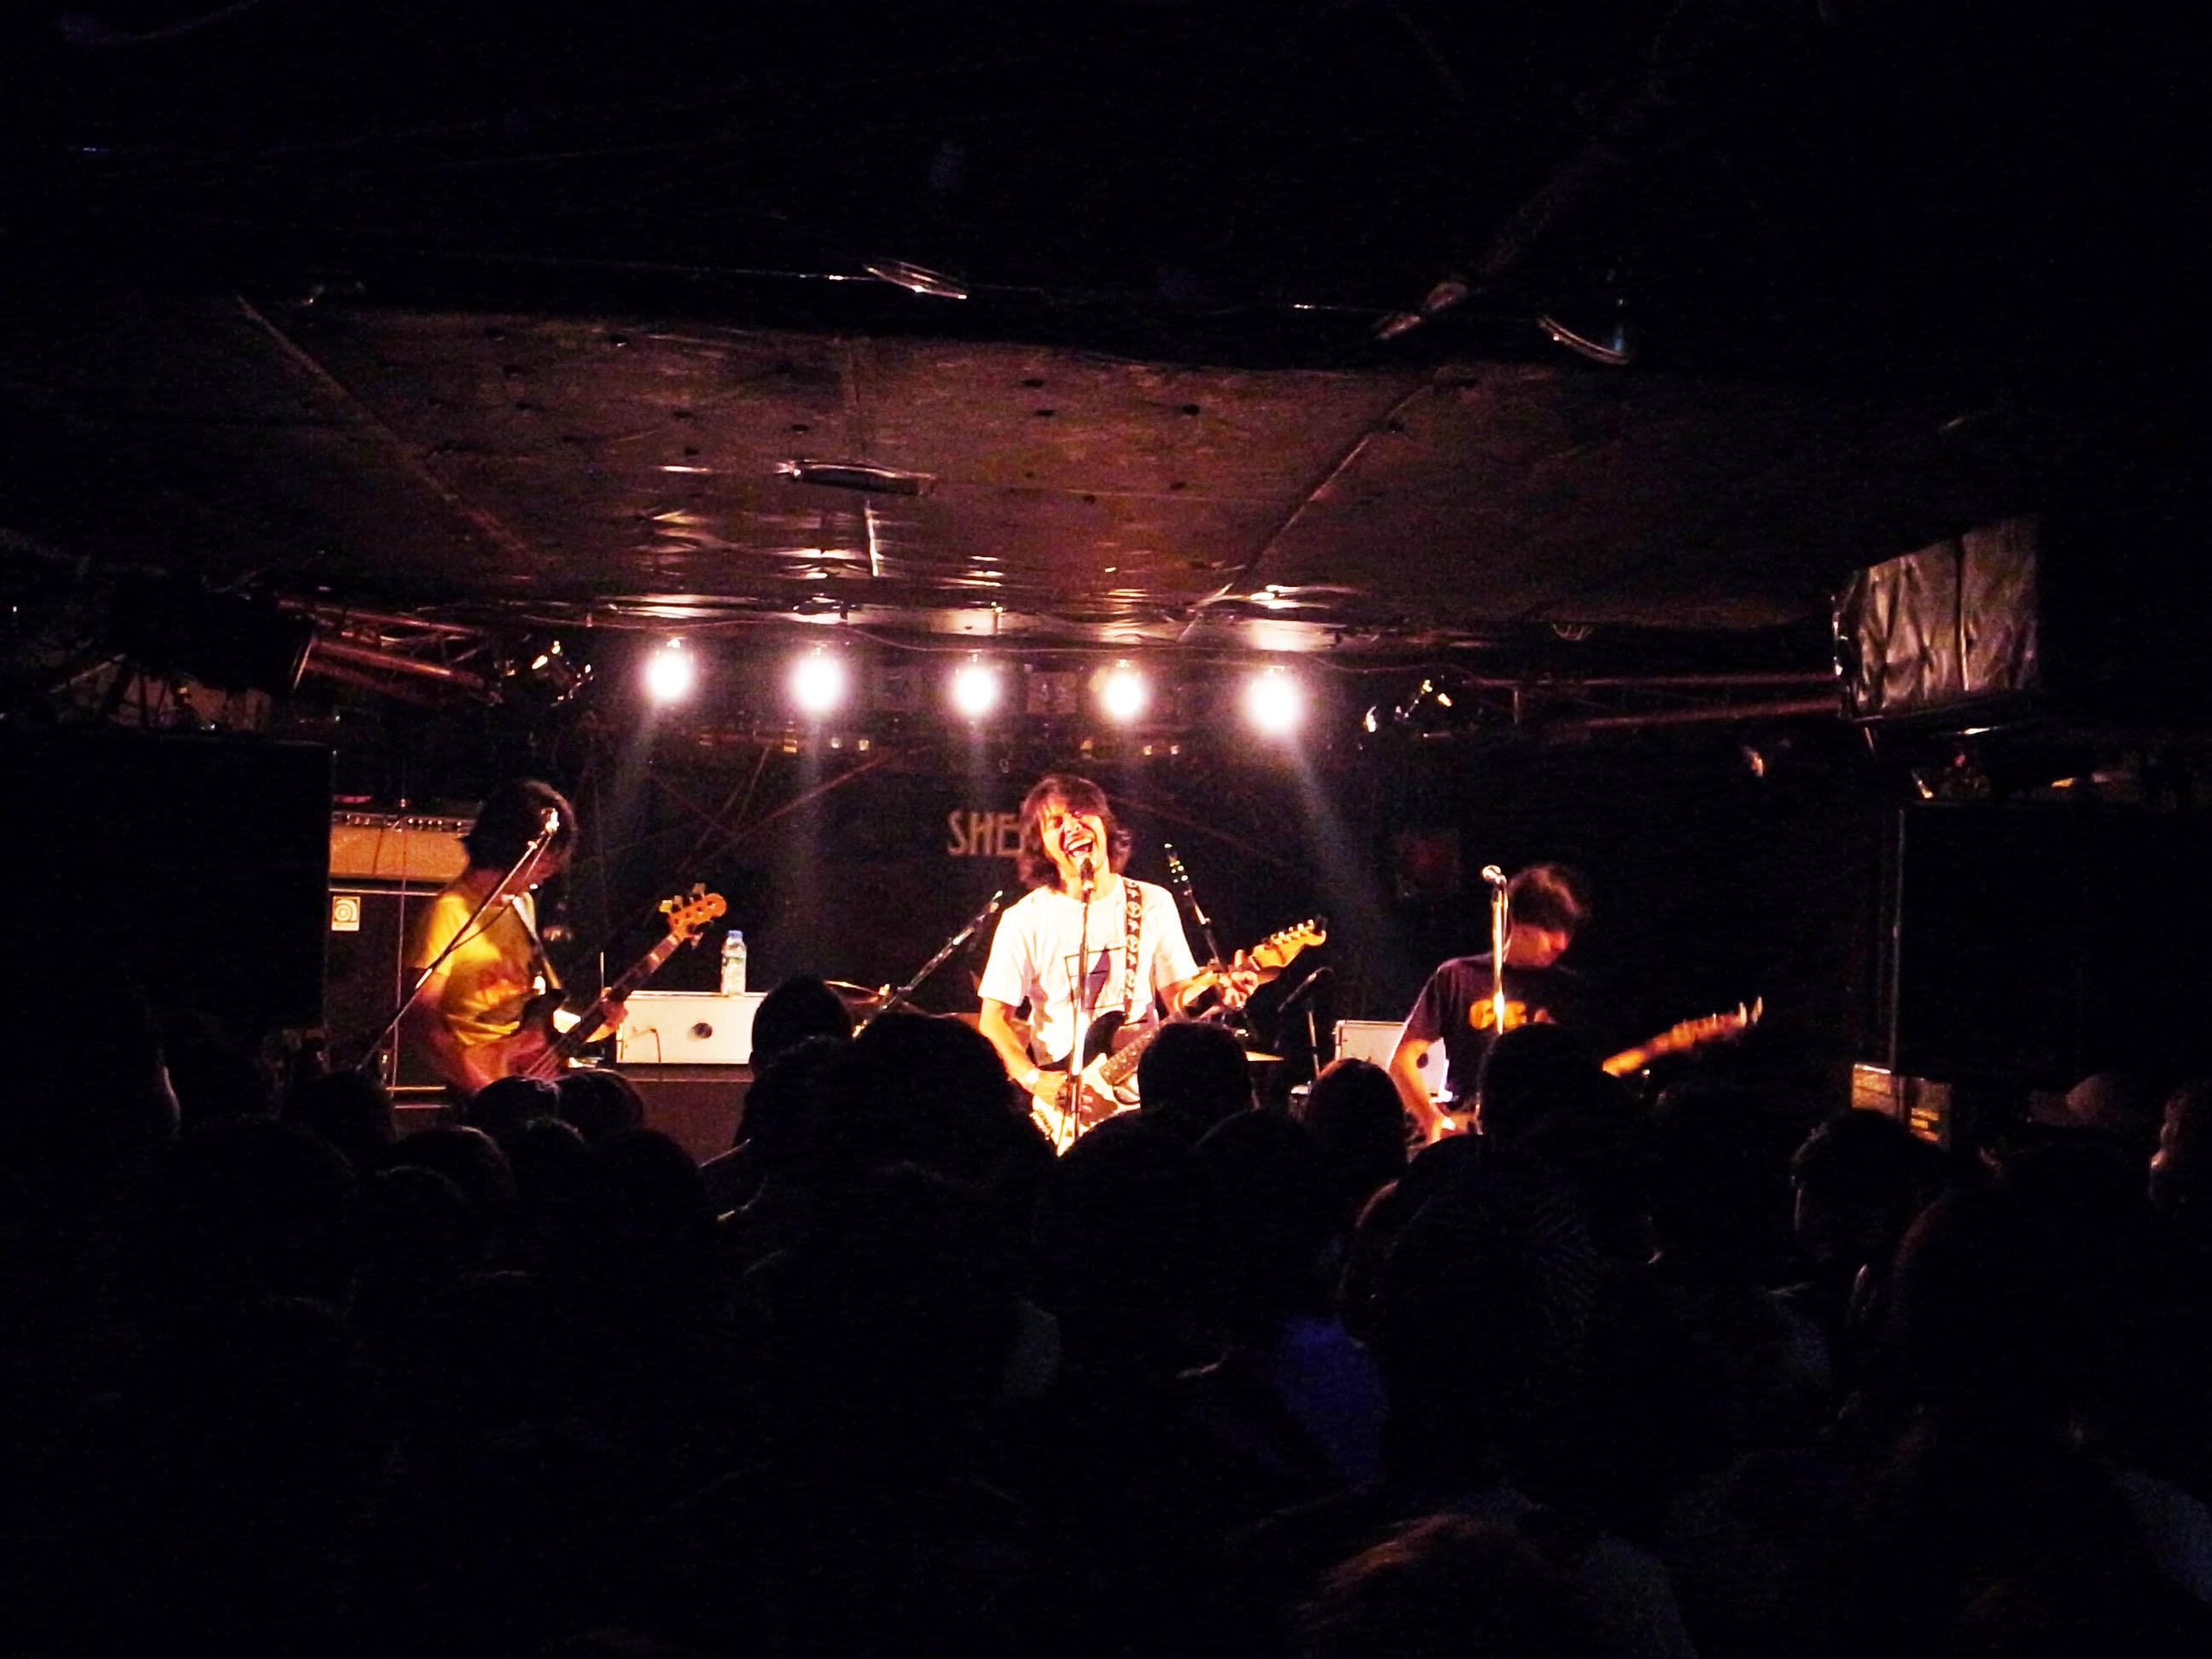 曽我部恵一BAND LIVEセットリストUPしました。6/23<Shimokitazawa Indie Fanclub 2013>@下北沢 16会場